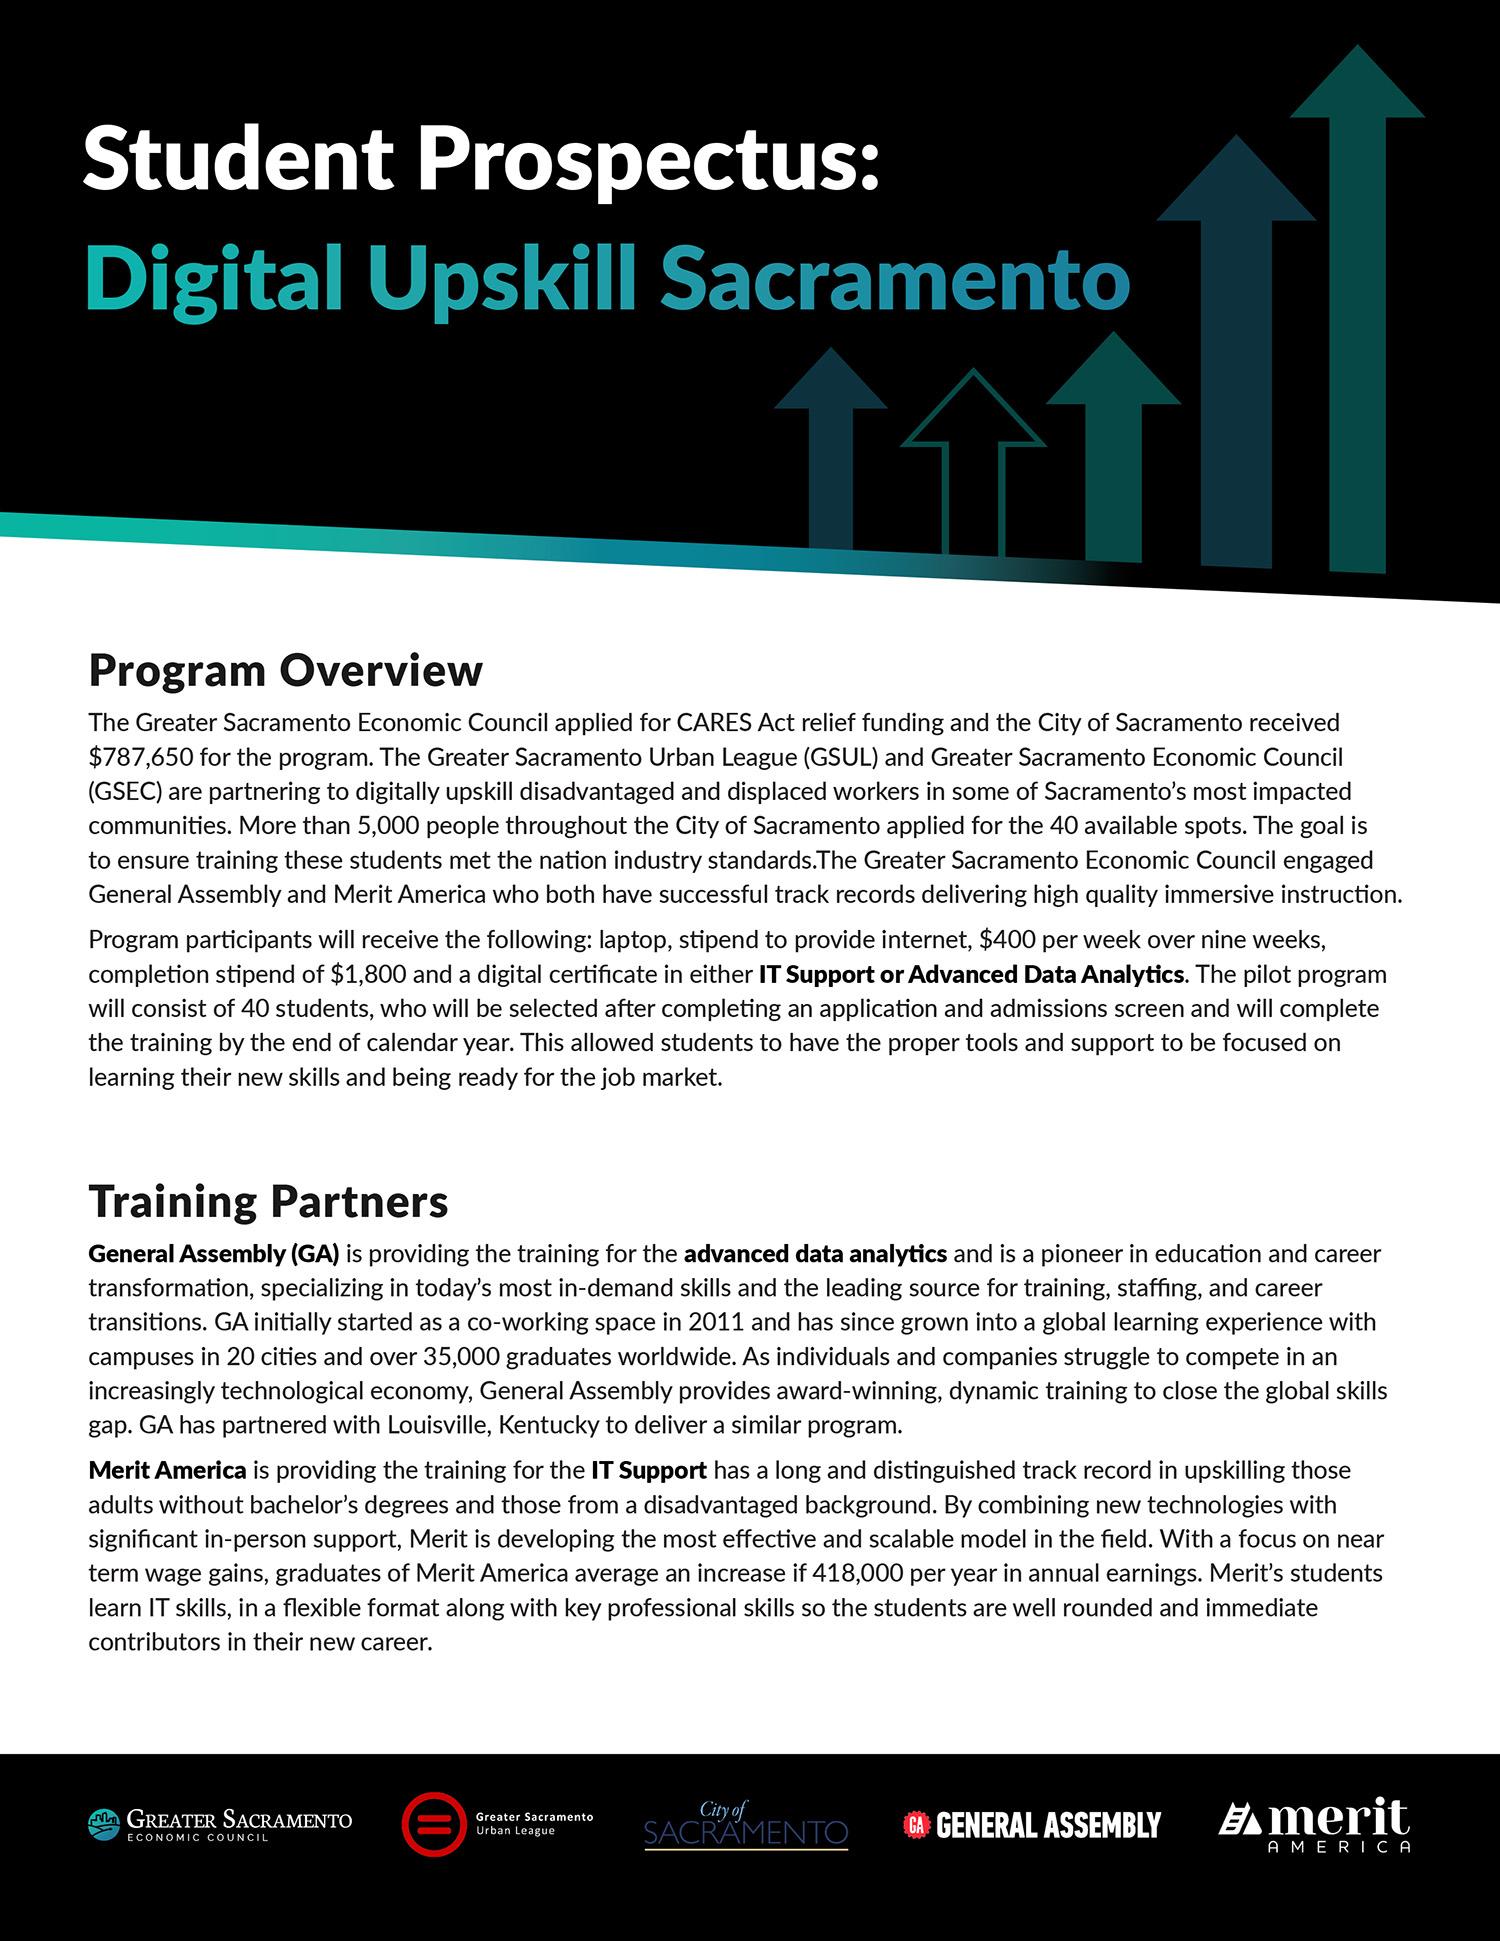 digital upskill program